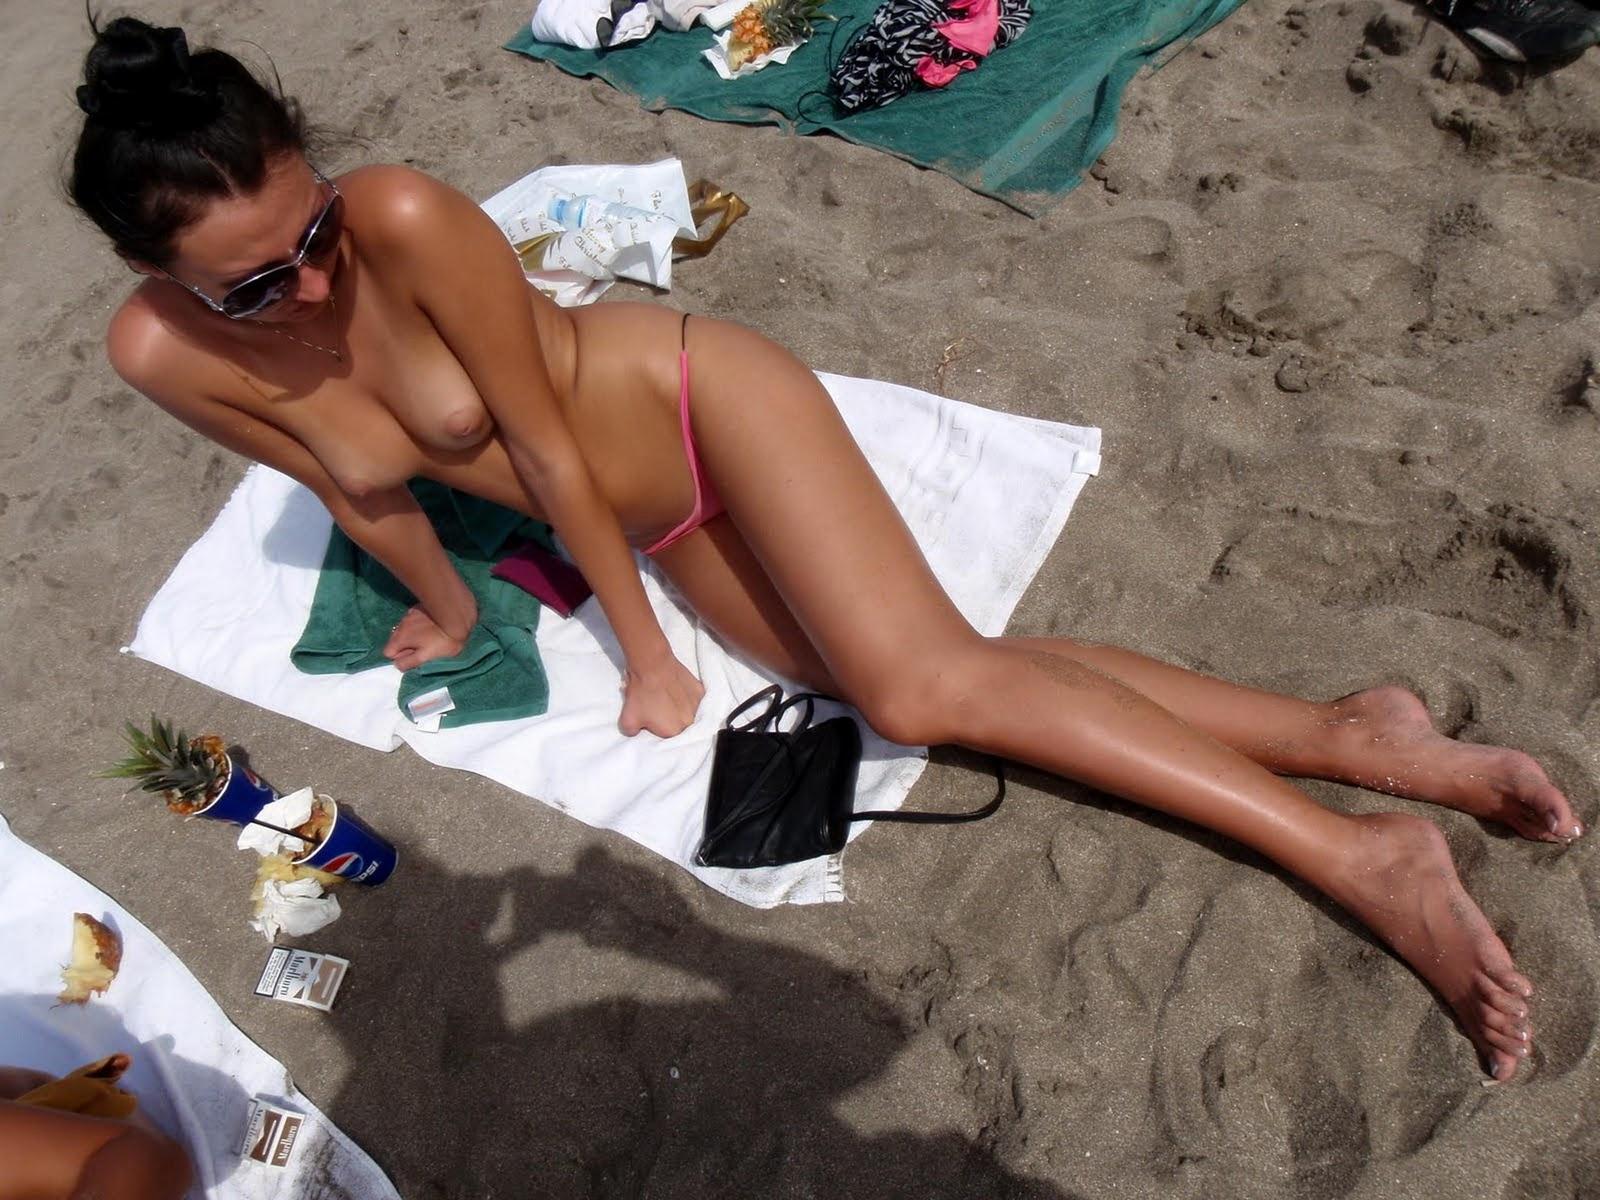 дівчата.загоряють.на пляжі.вч0рніх.лифчиках.трусах.ф0т0